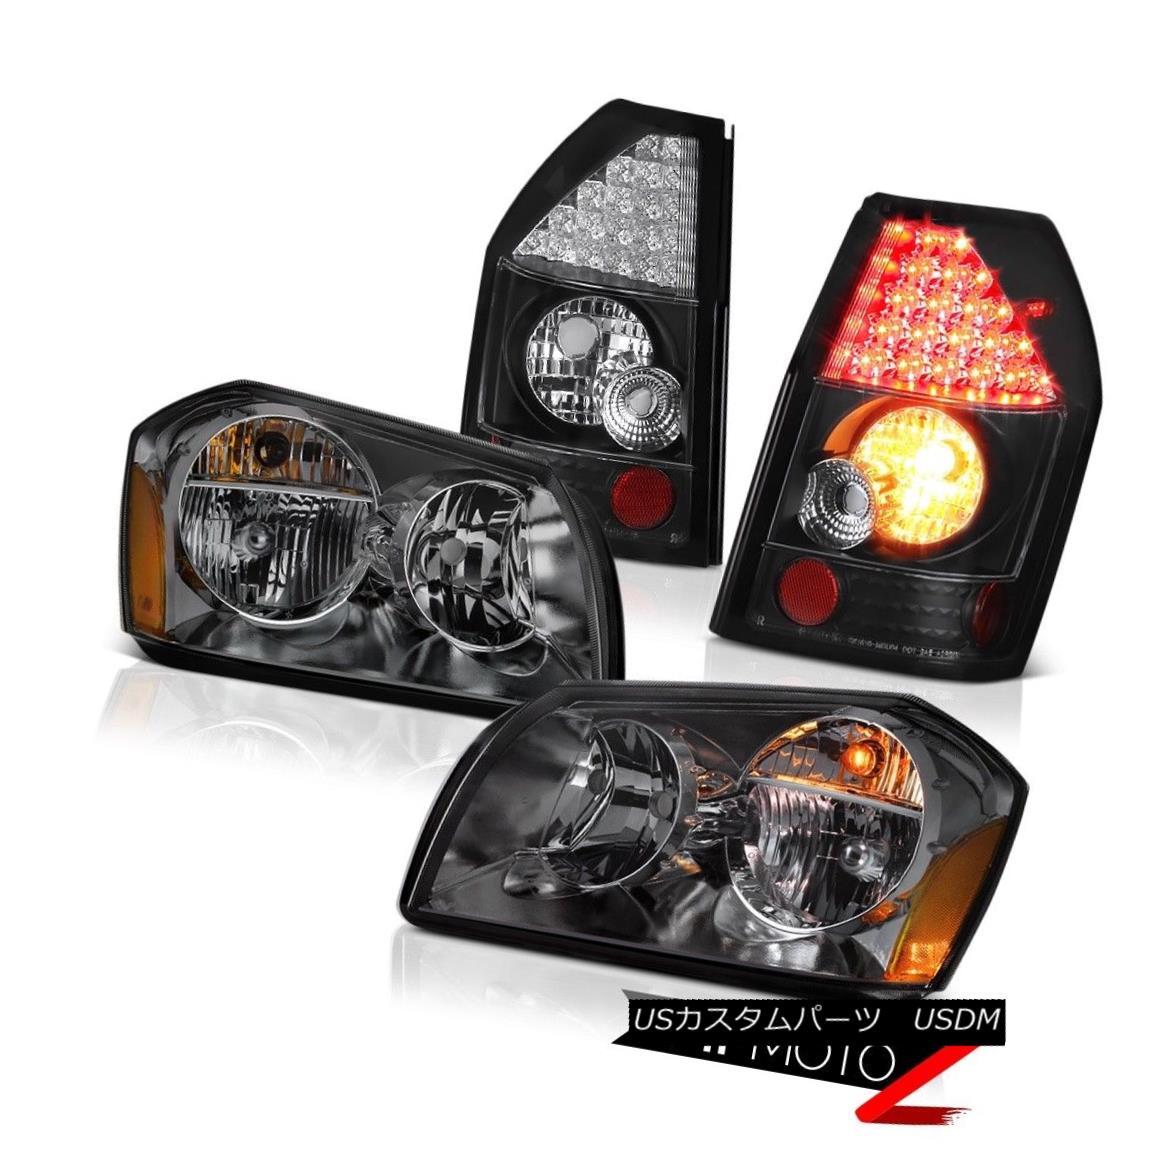 ヘッドライト 05 06 07 Dodge Magnum Rt Tail Brake Lights Smoked Headlights LED